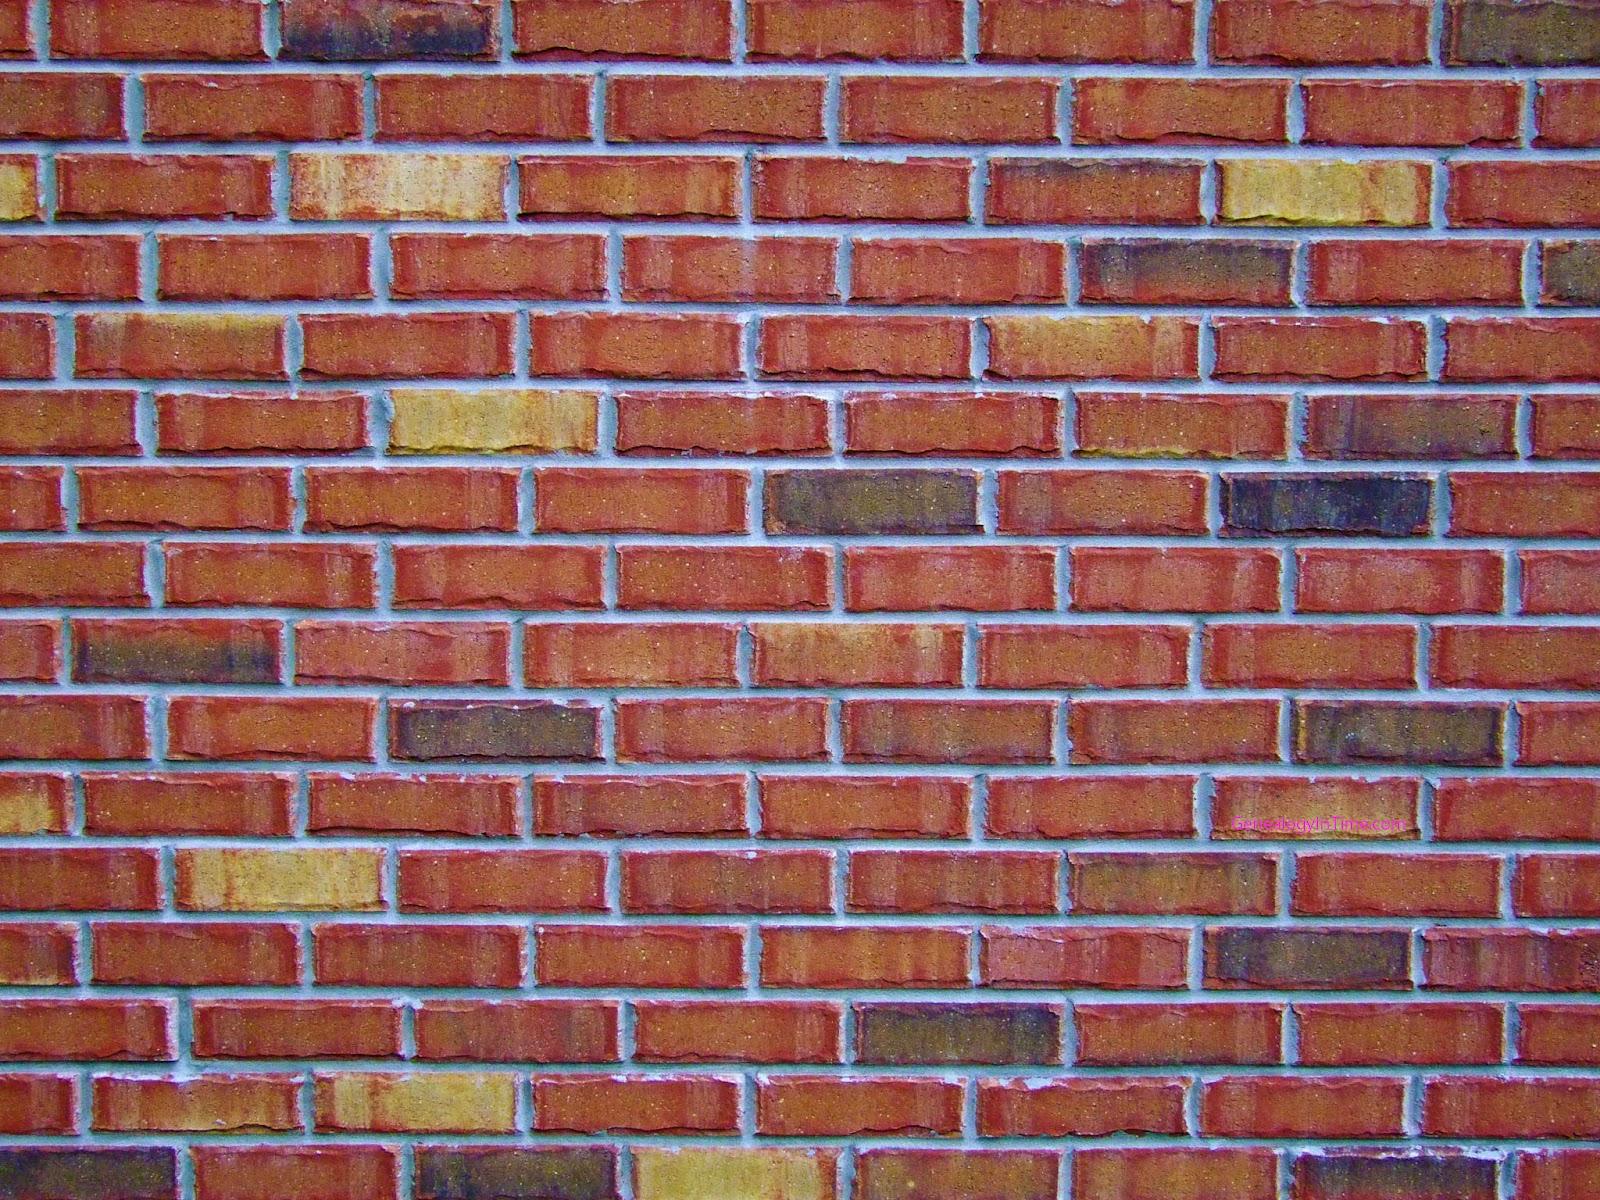 http://4.bp.blogspot.com/-eMWy9OLbZv4/T5FfQf6nDDI/AAAAAAAAAOg/0Cw0R0sYOno/s1600/Brick-wallpaper-3.jpg